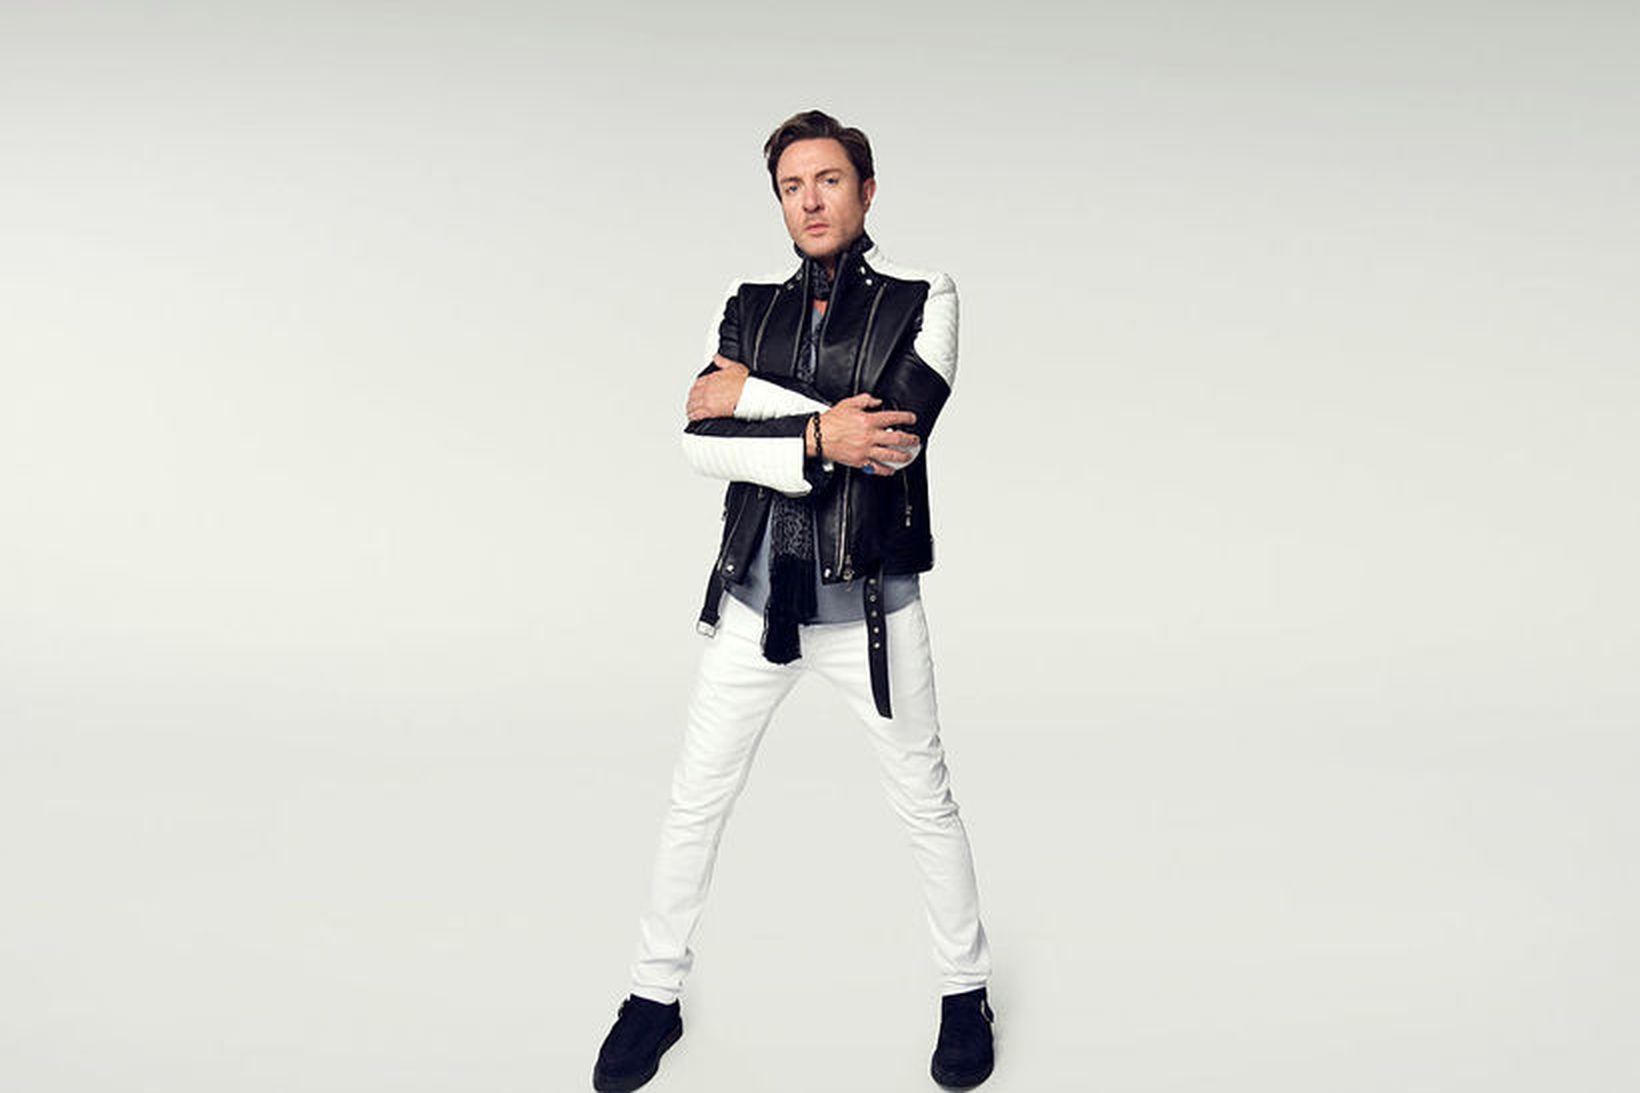 Simon Le Bon, söngvari Duran Duran.